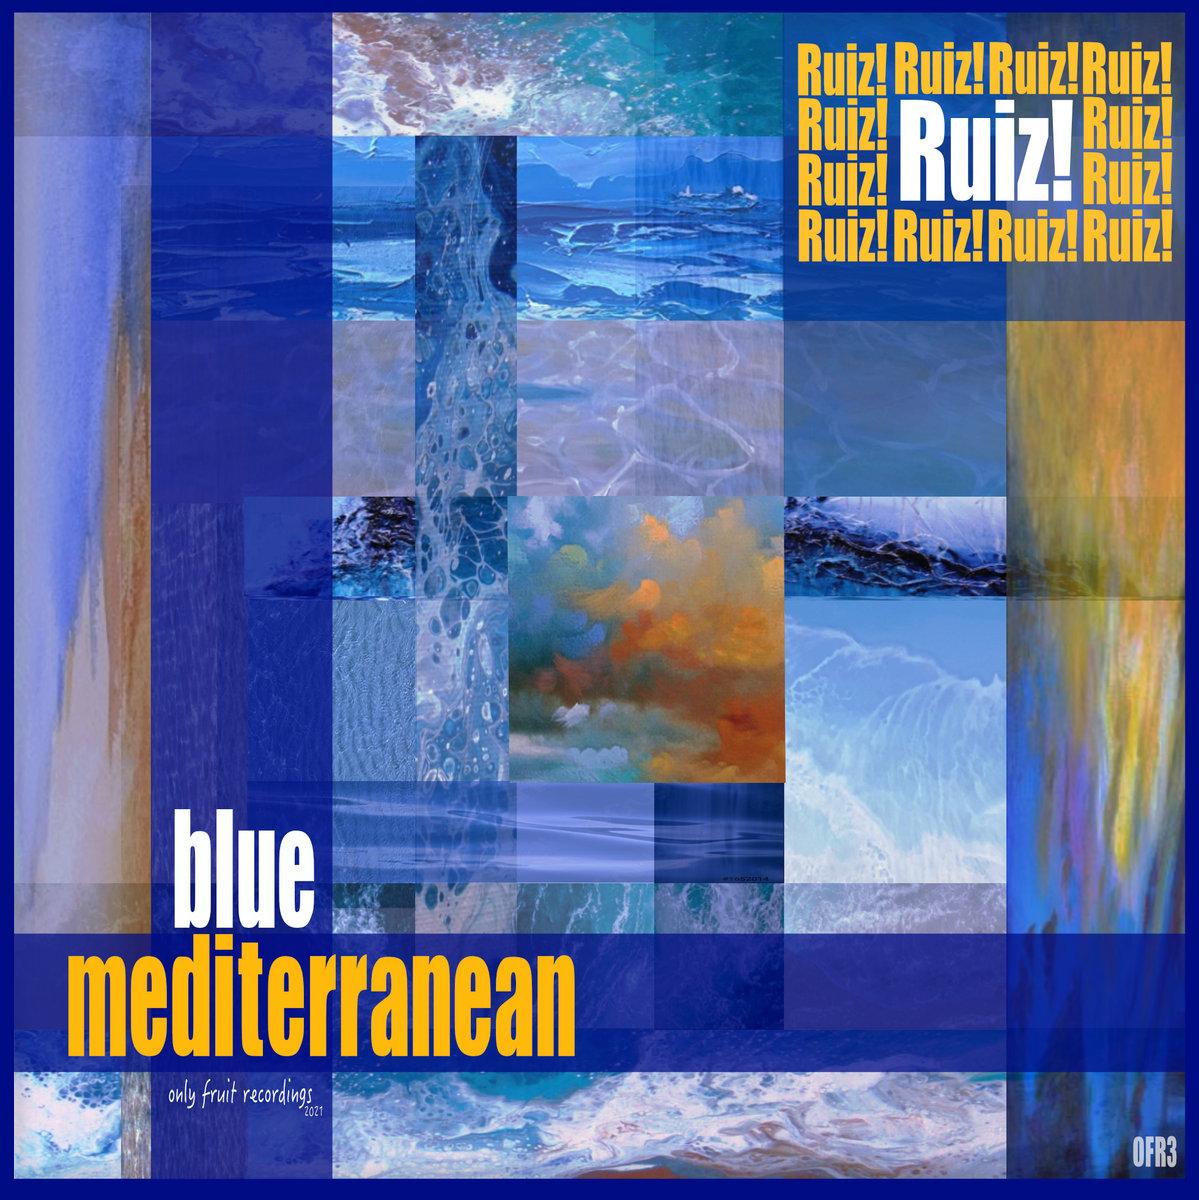 Blue Mediterranean by Ruiz!